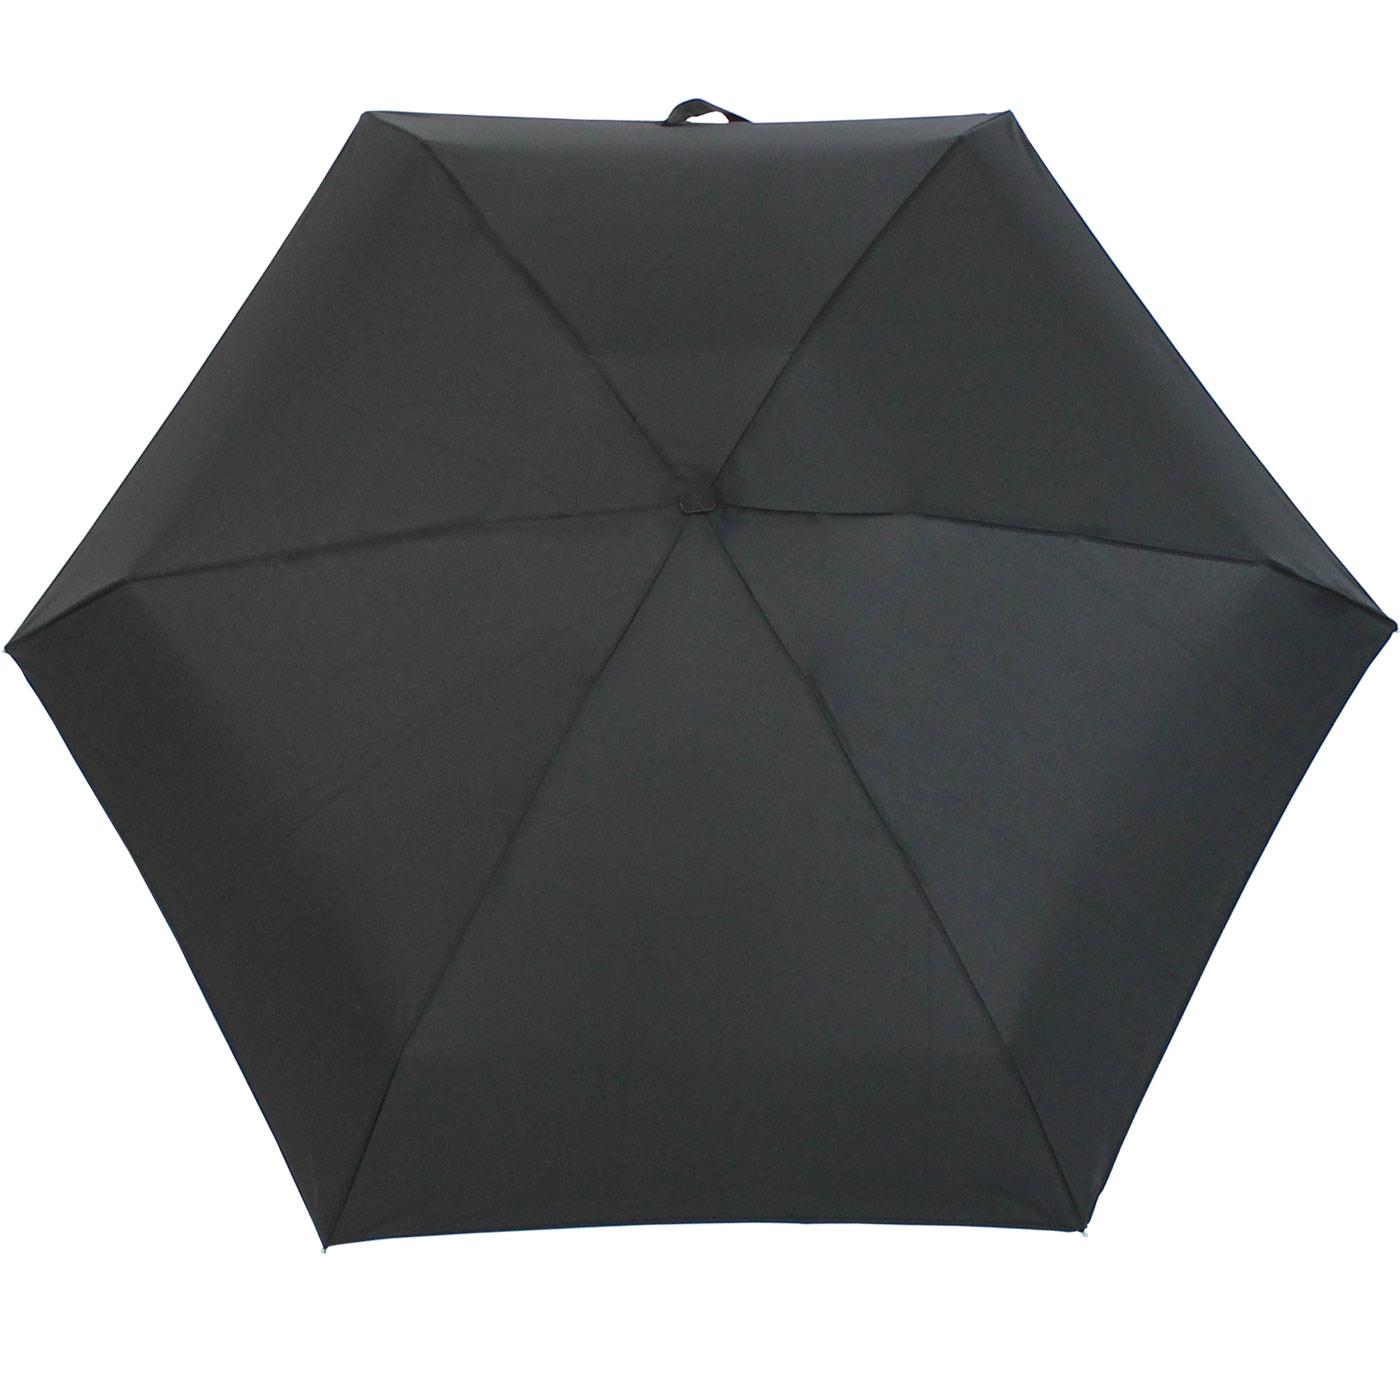 Regenschirm-Super-Mini-Taschenschirm-Damen-Herren-winzig-klein-leicht-im-Etui Indexbild 6